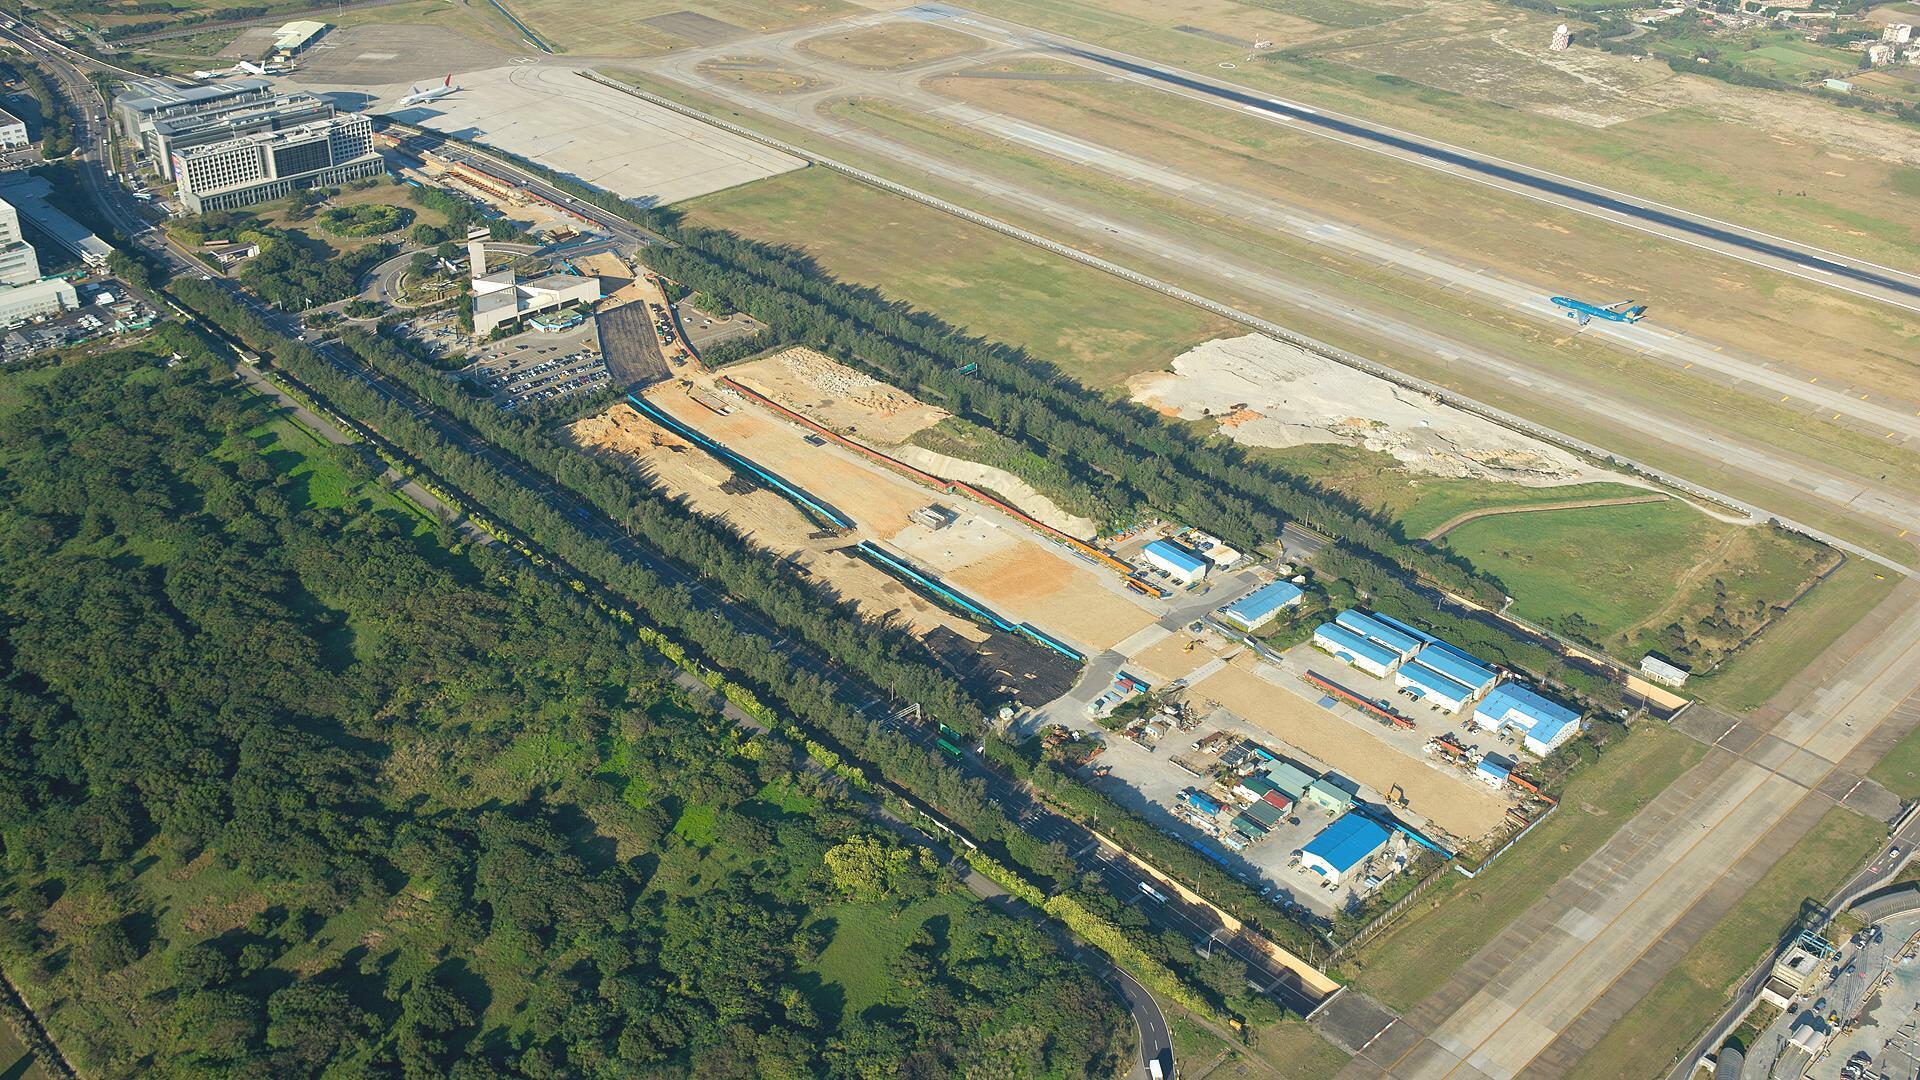 交通部高速鐵路工程局「機場捷運CU02A標機場段潛盾隧道及深開挖工程」榮獲「第十屆公共工程金質獎」公共工程品質特優獎。